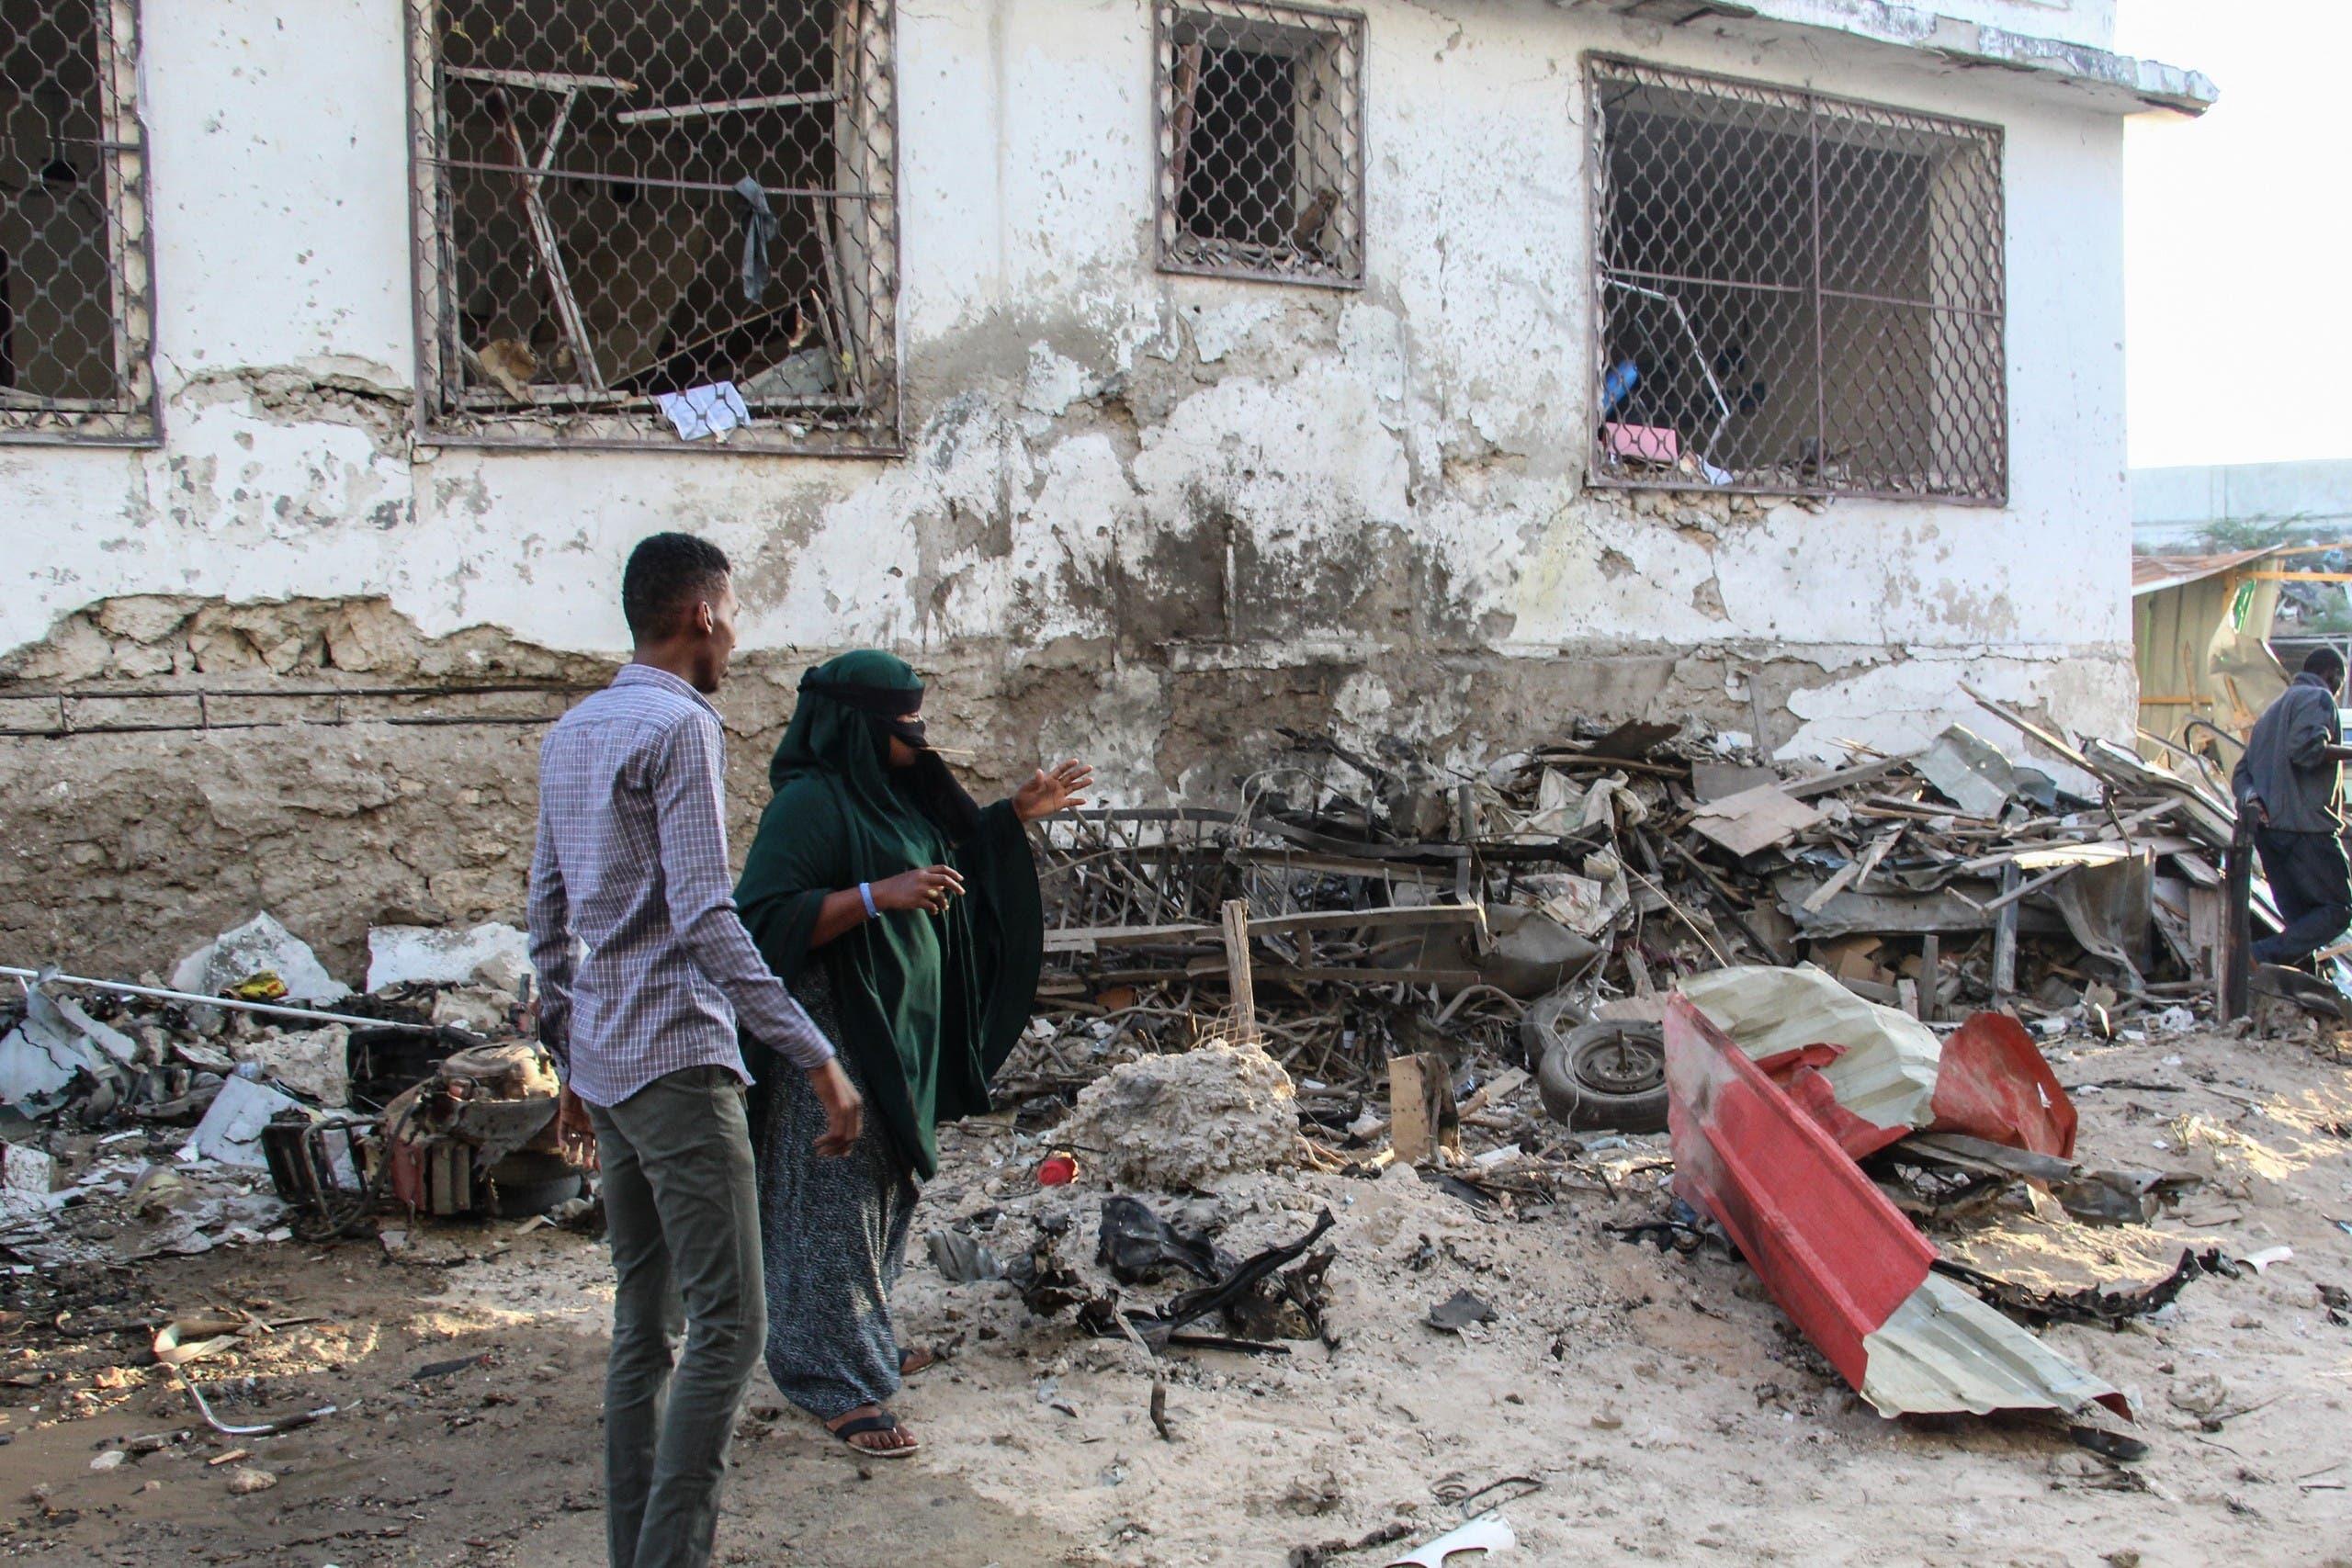 تفجير سابق في مقديشو في يناير الماضي